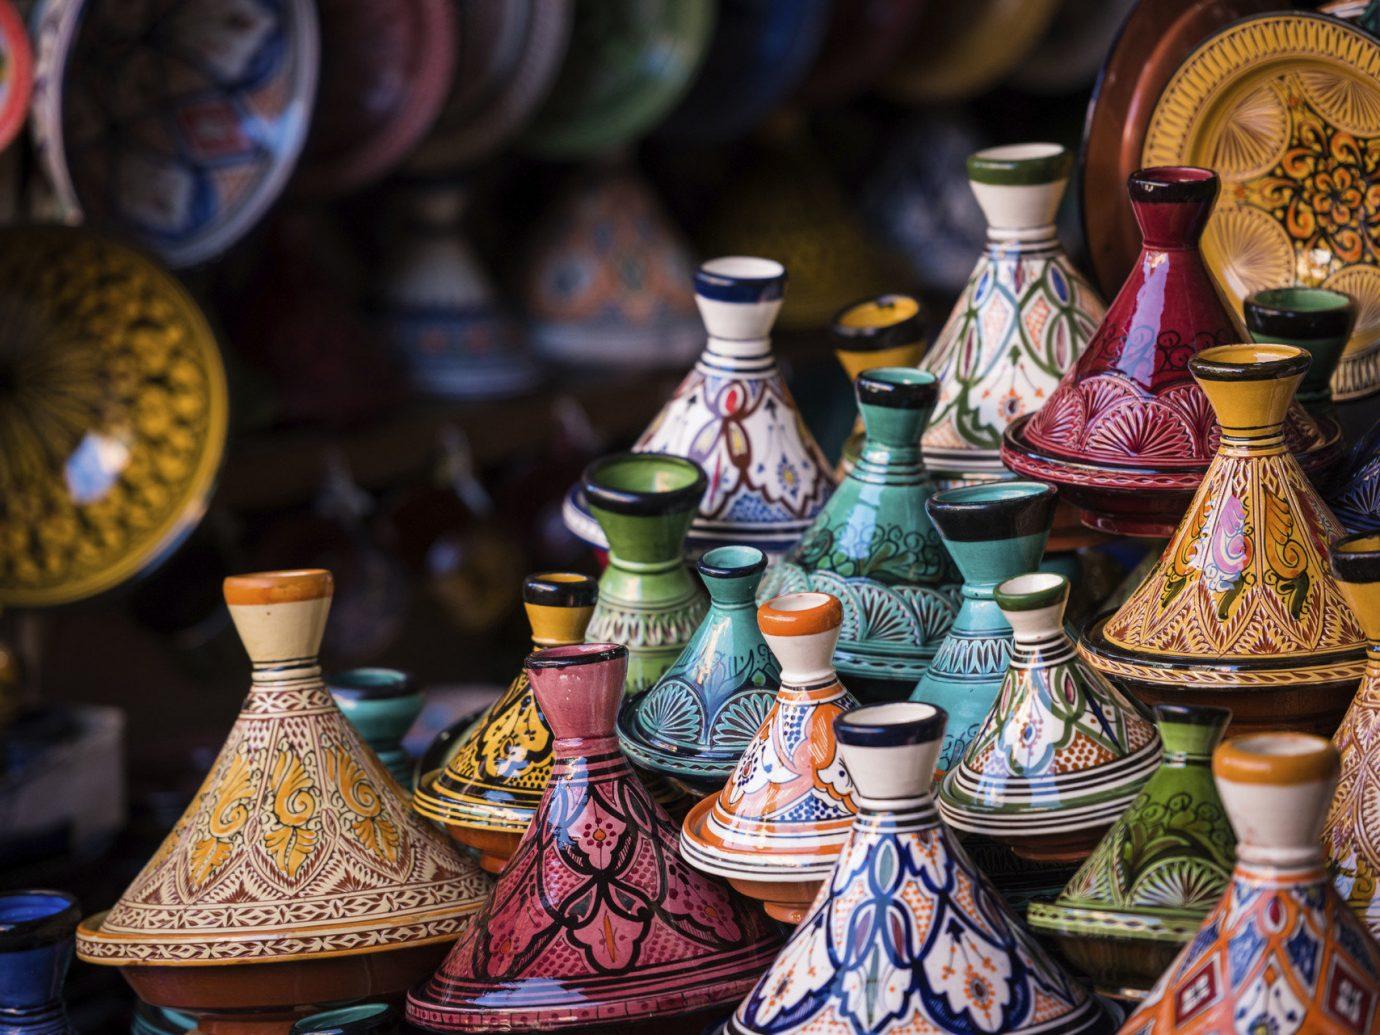 Trip Ideas color market public space City bazaar human settlement art ancient history temple tradition